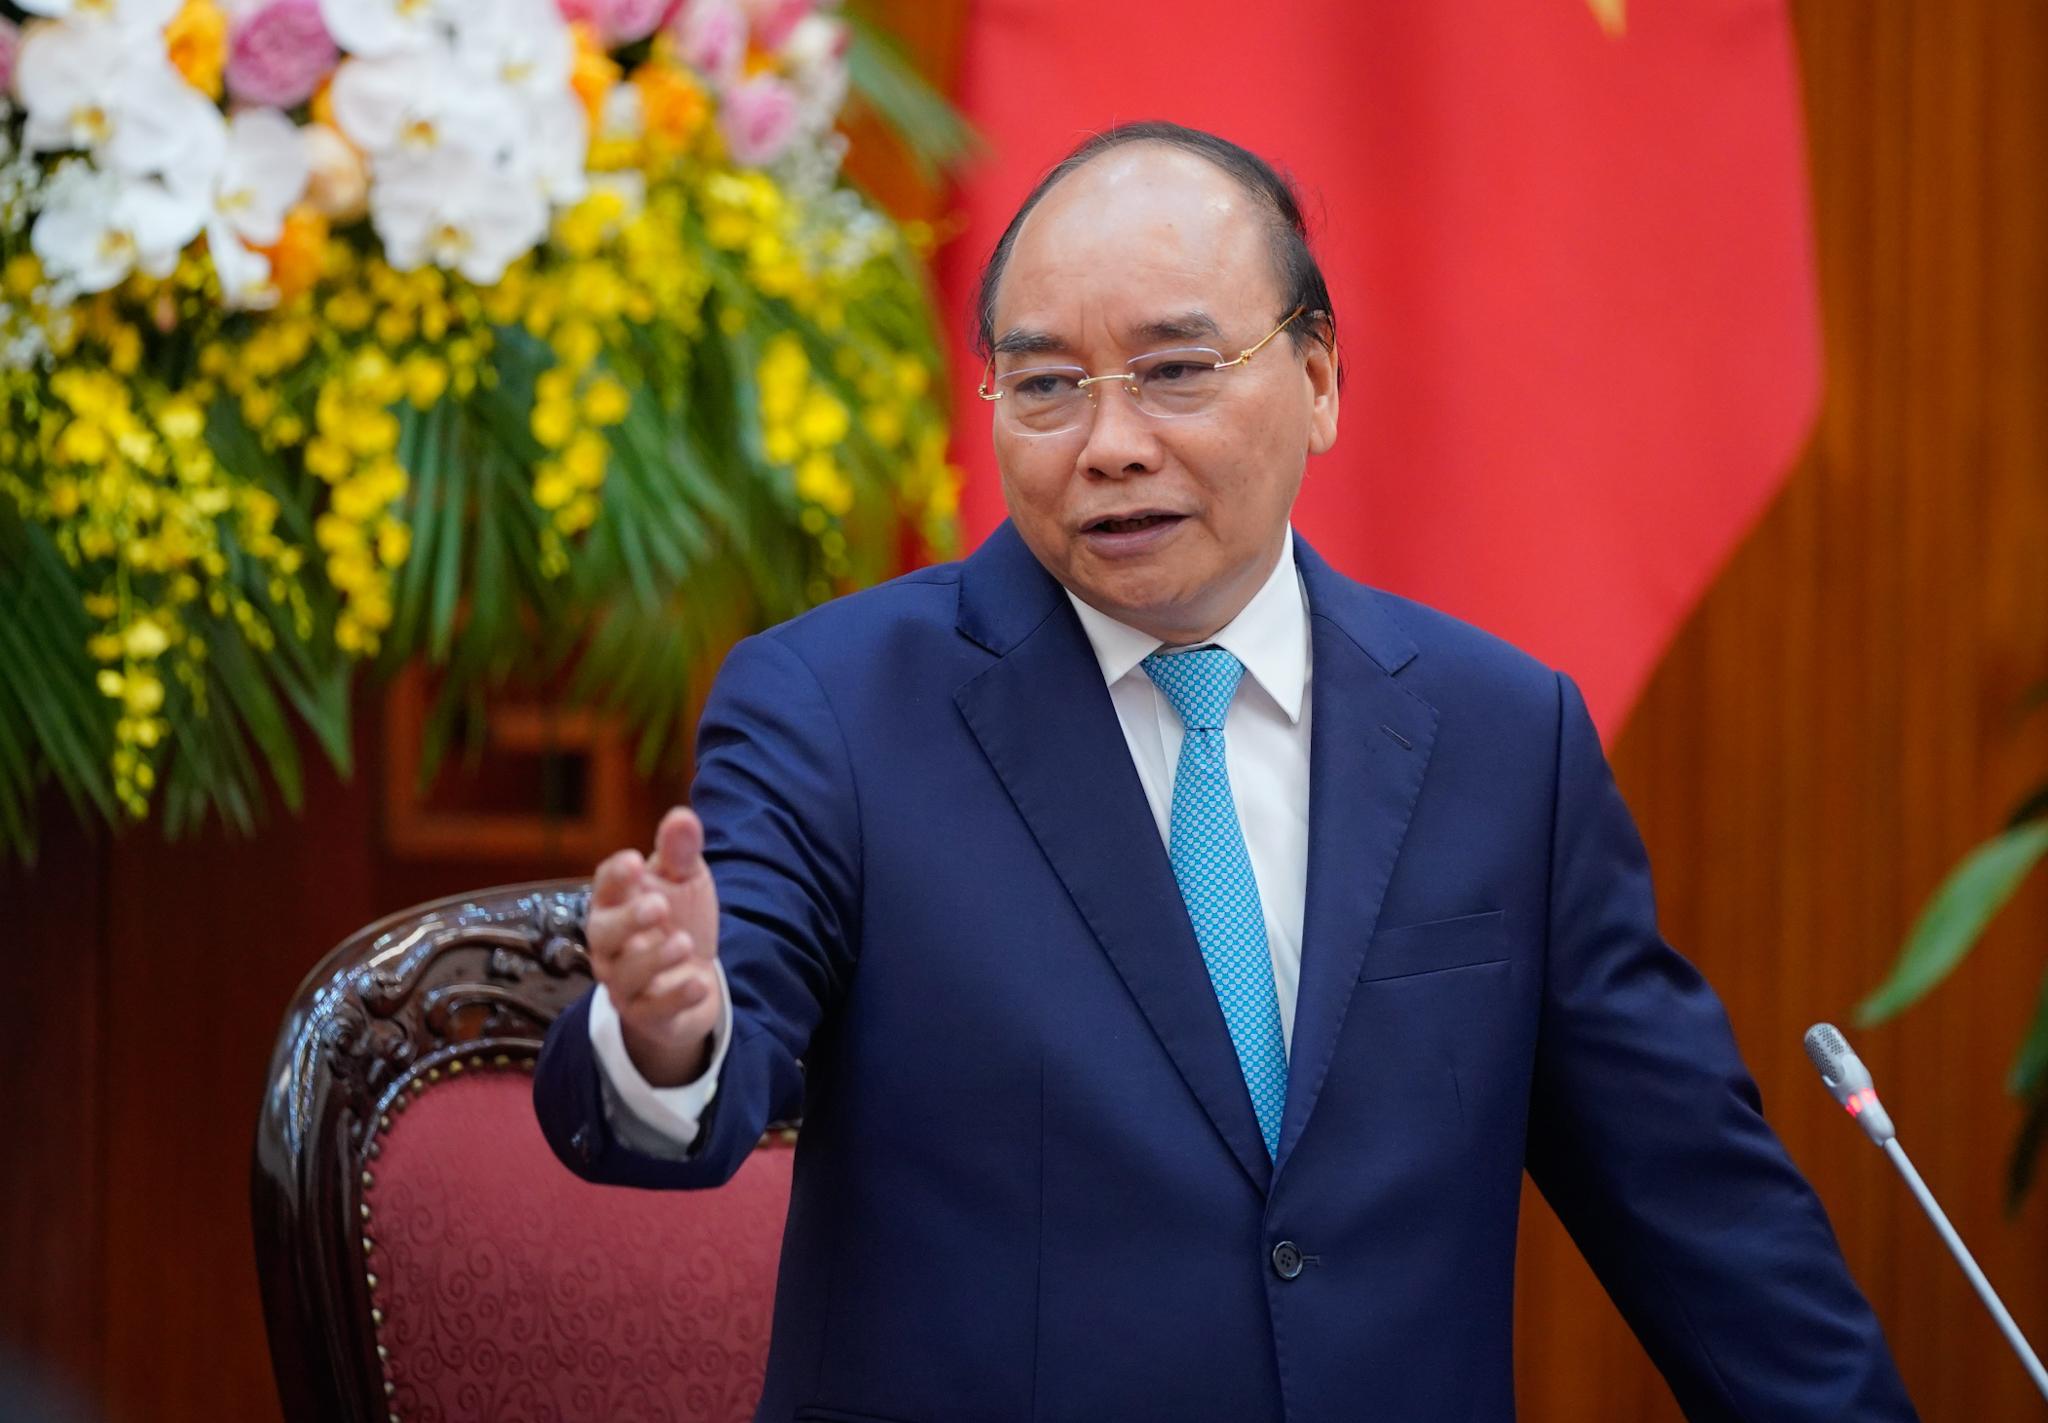 Thủ tướng: Phát triển đô thị là một kênh tăng trưởng quan trọng. Ảnh VGP/Quang Hiếu